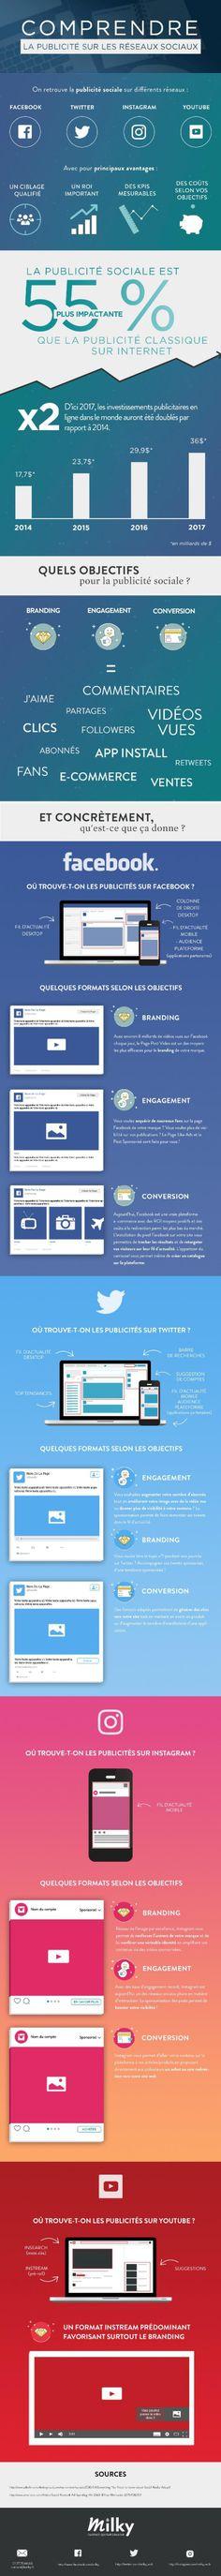 http://comarketing-news.fr/publicite-et-reseaux-sociaux-tout-comprendre-en-une-infographie/